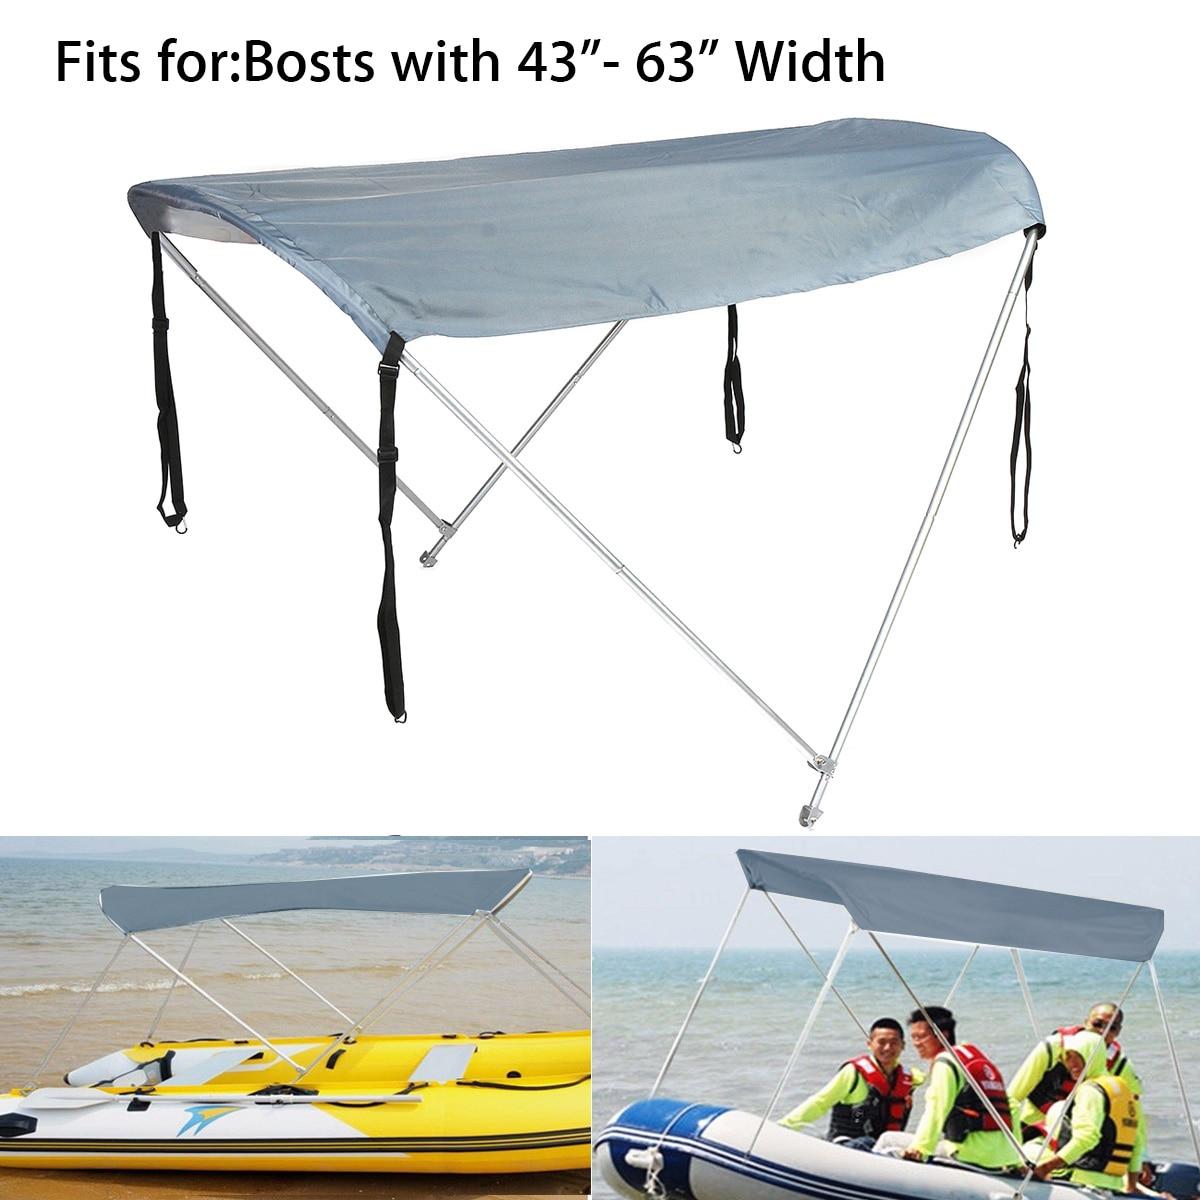 Gonflables Bateau Abri Du Soleil Voilier Auvent Top Aviron Bateaux Couverture Tente pare-soleil Habillage pluie Surf canoë kayak Bateau Top Kit